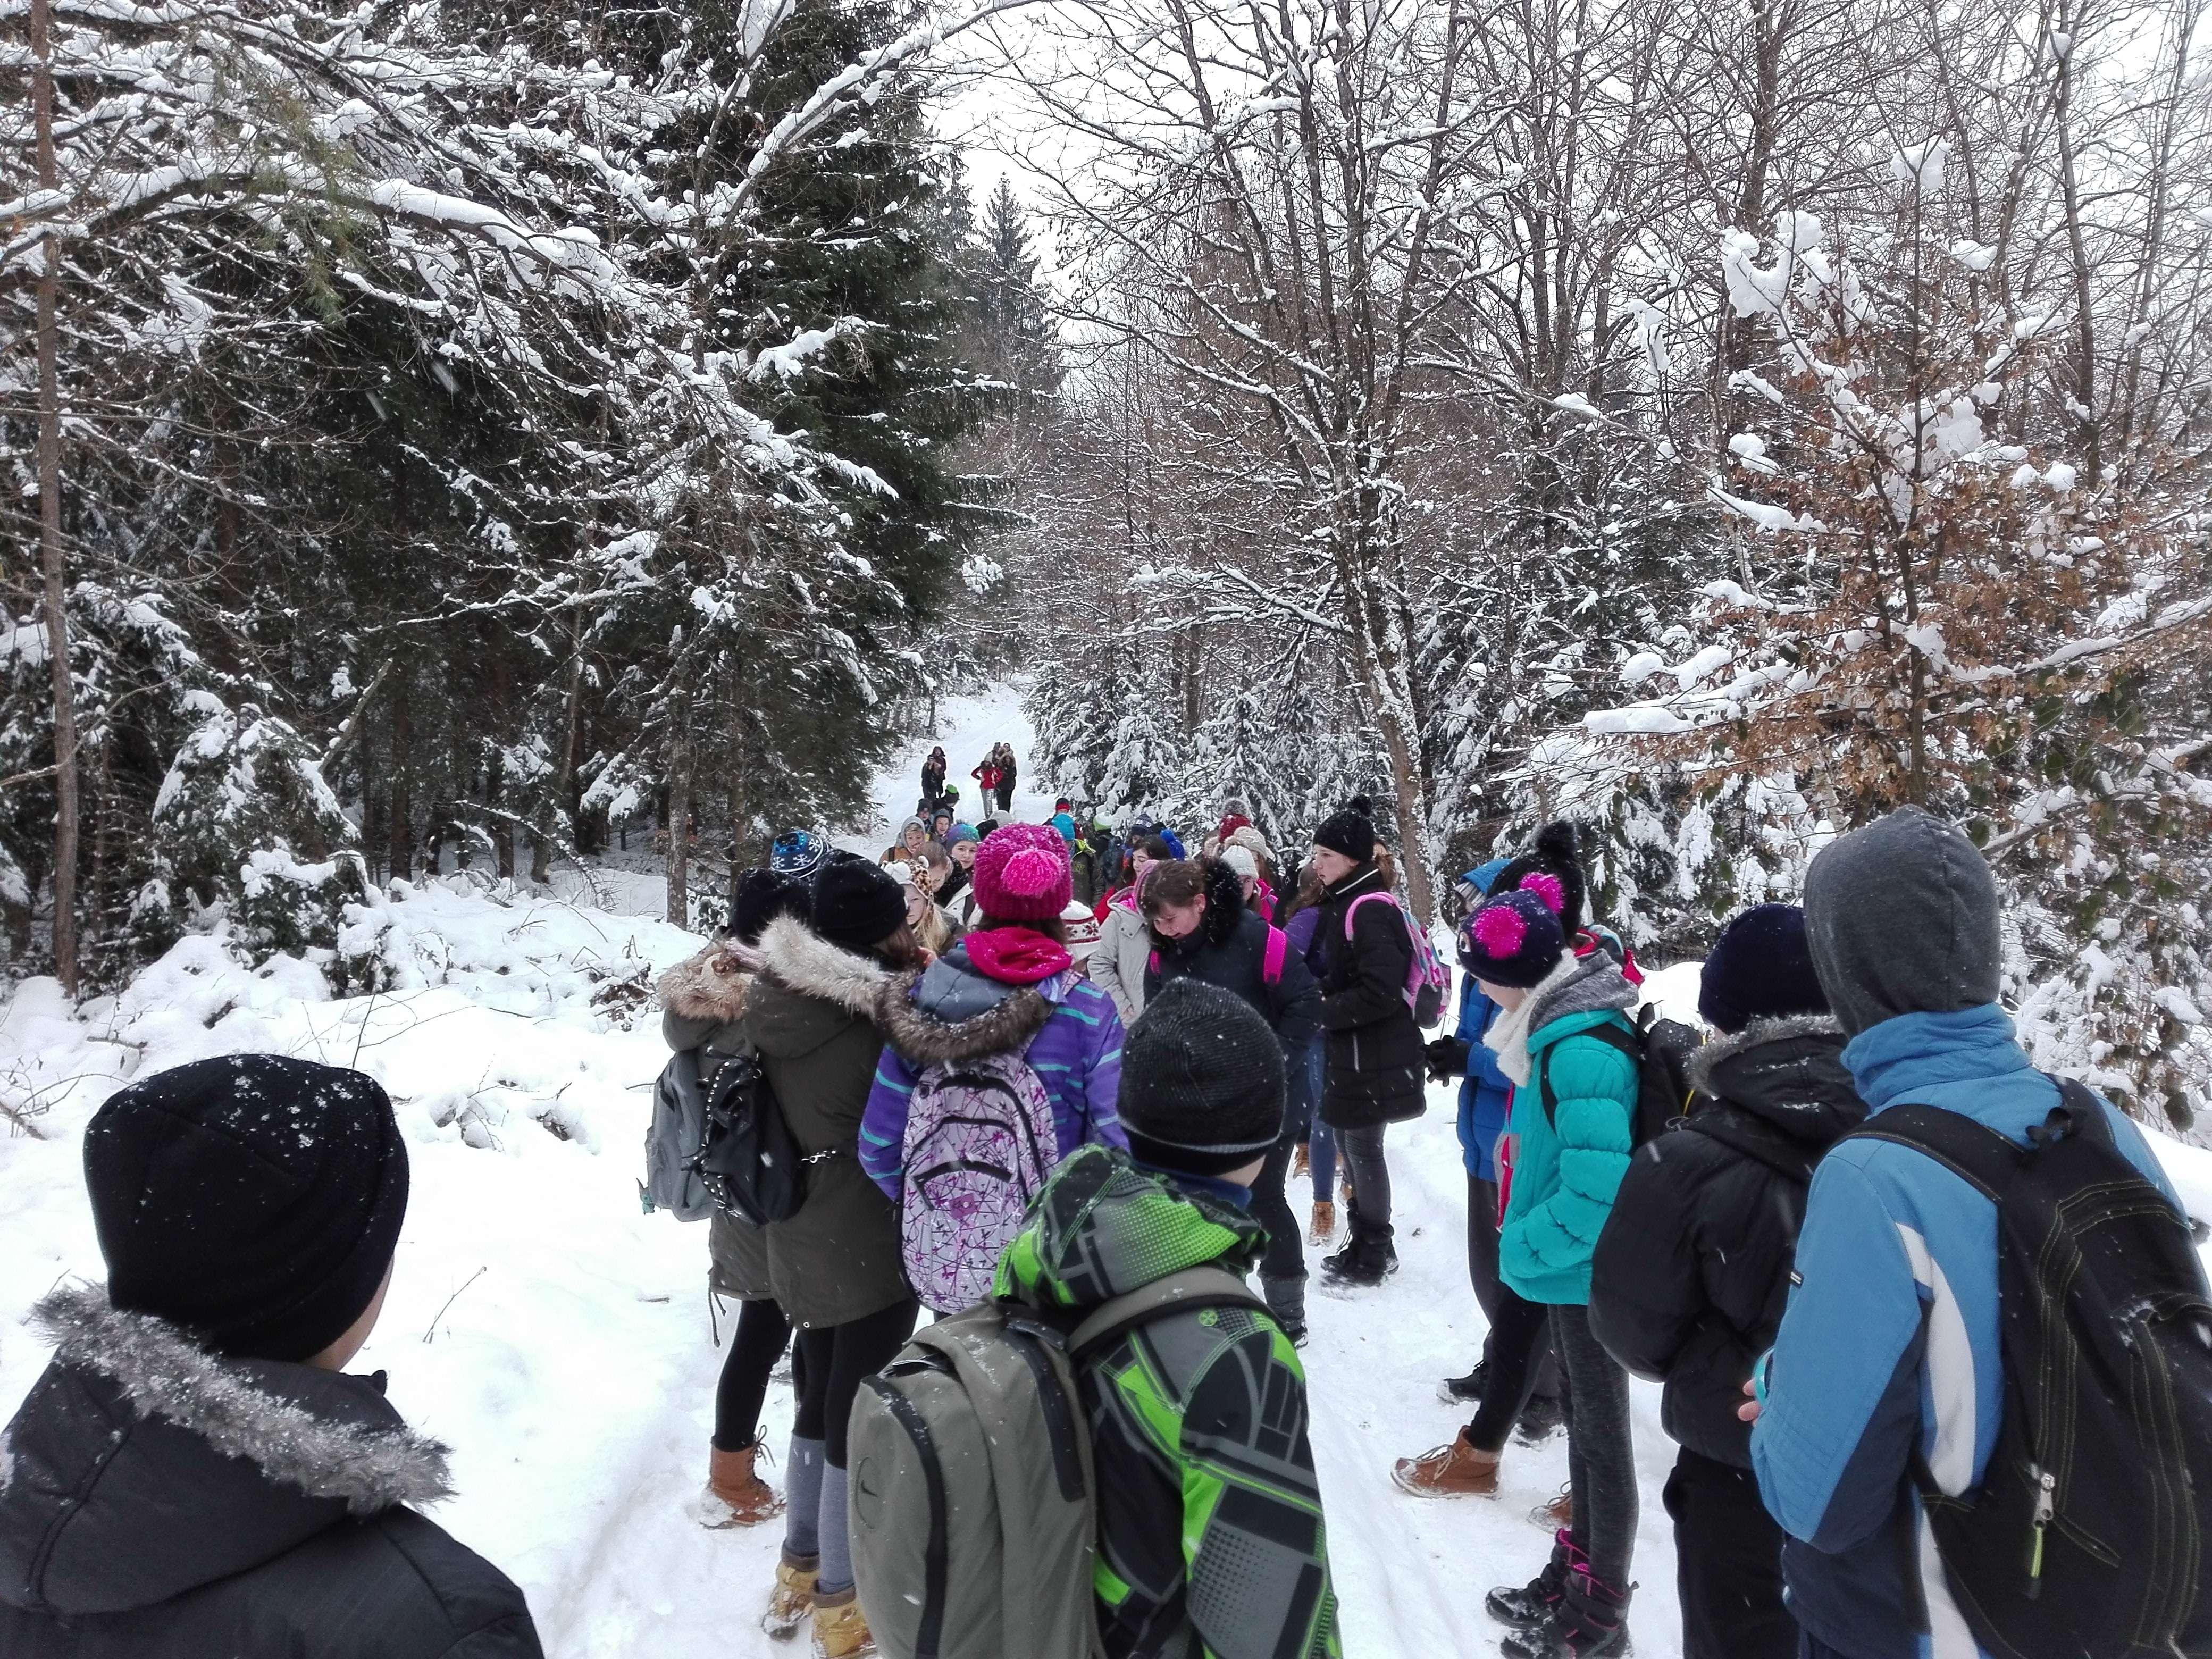 Zimski športni dan – pohod in smučanje